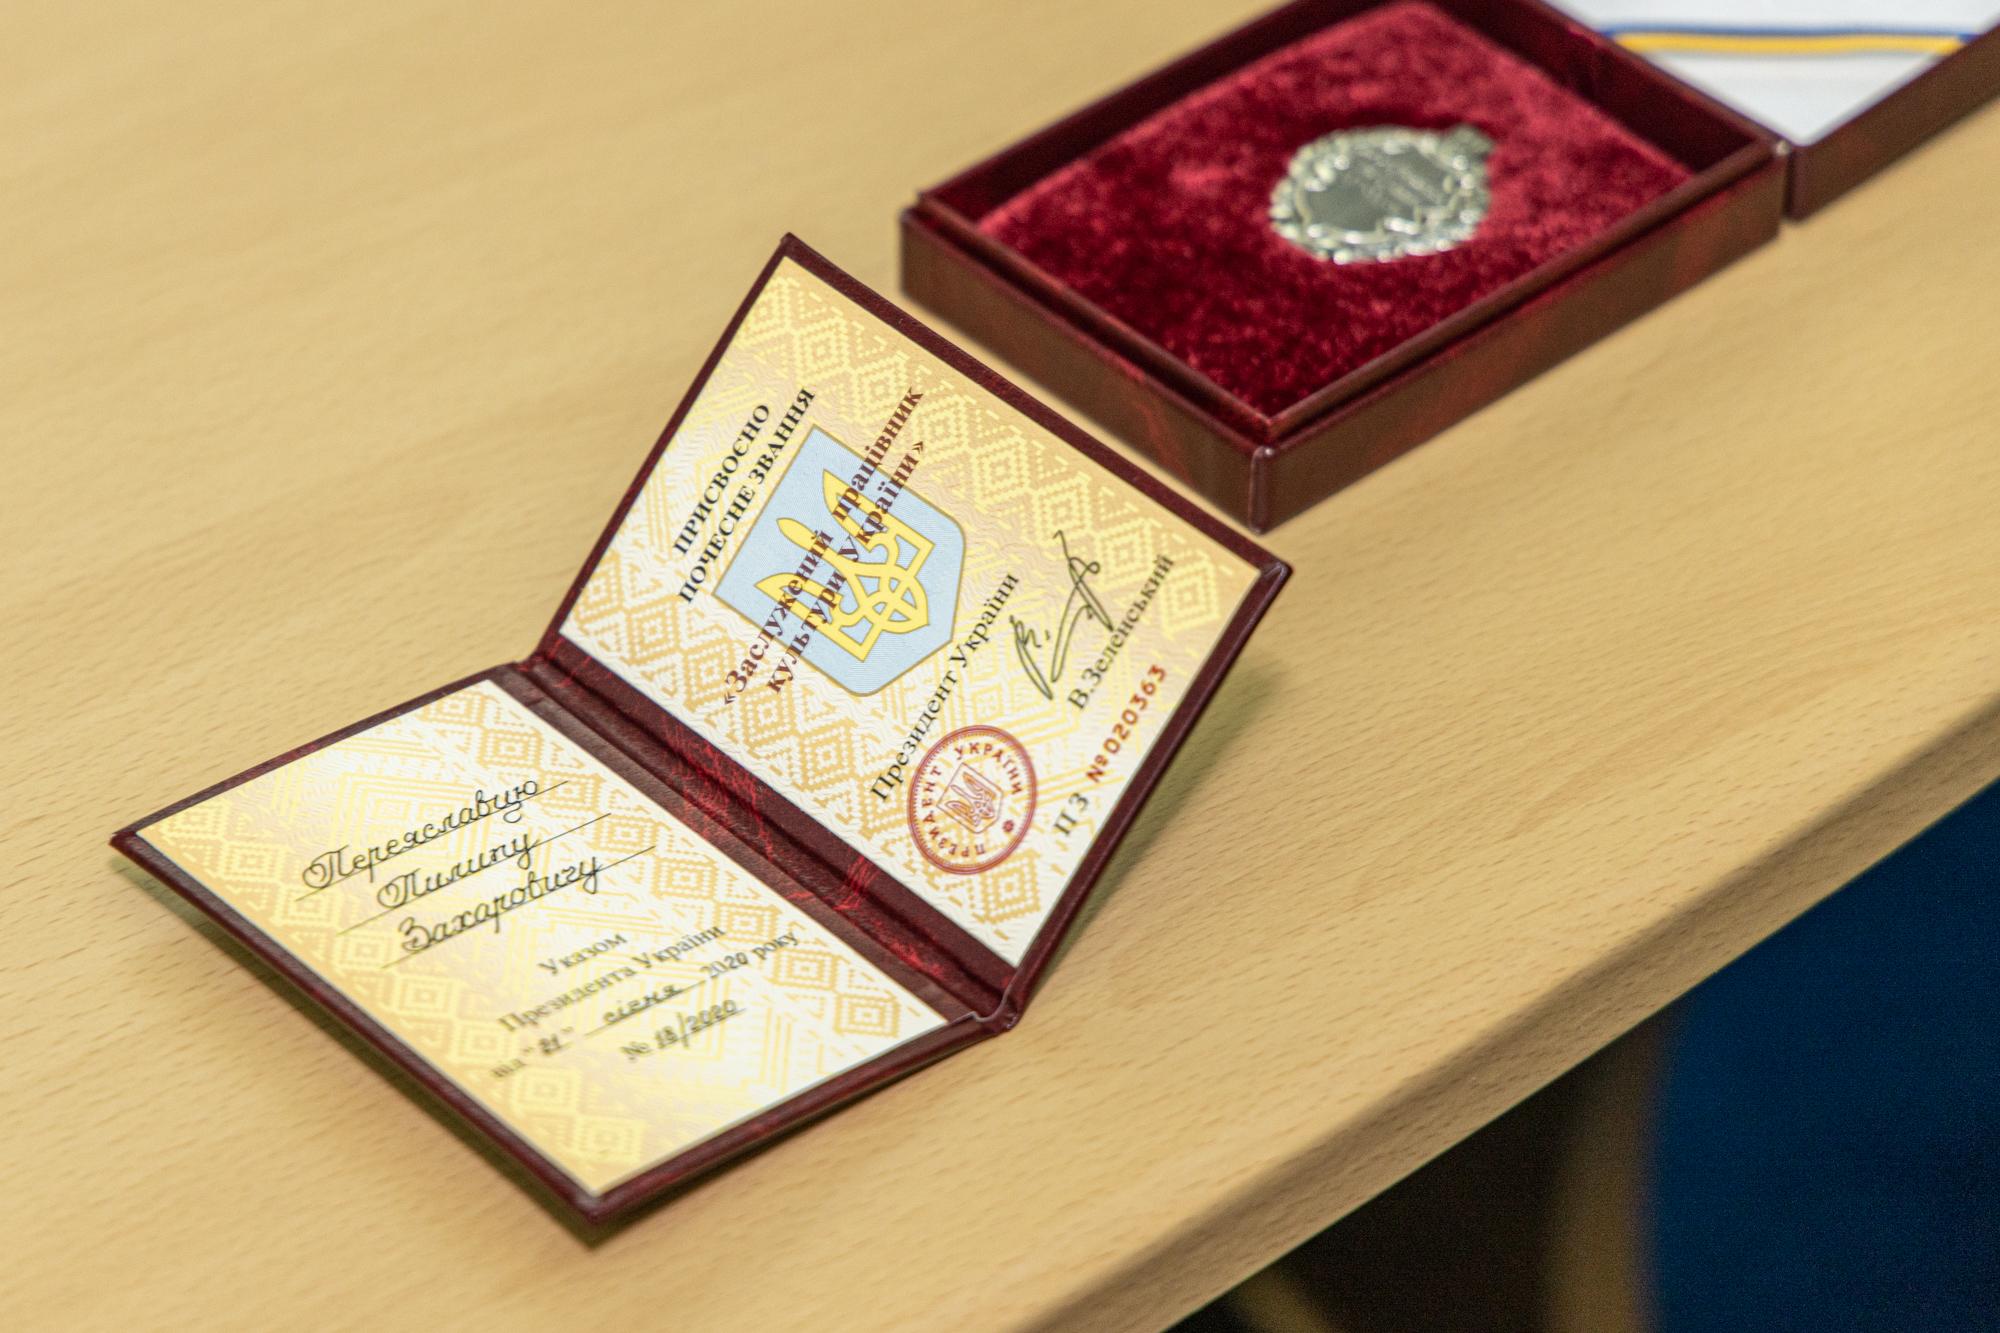 Серед нагороджених – й тренер Дніпропетровського вищого училища фізичної культури Олег Саліхов